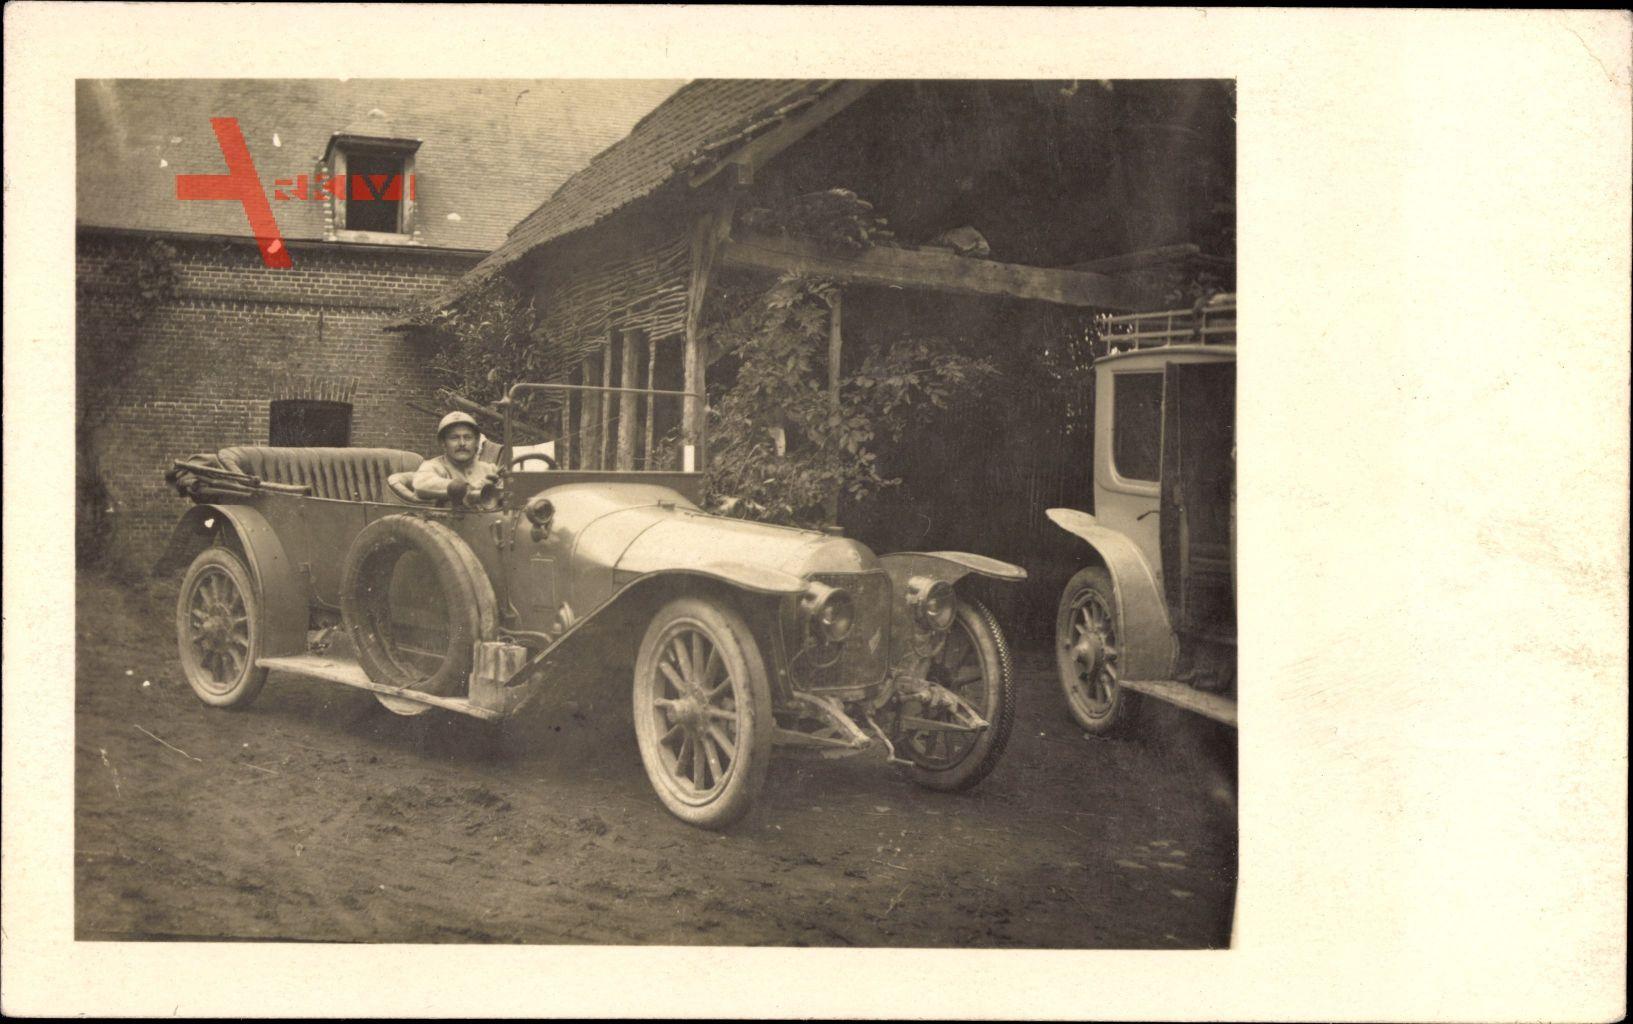 Frankreich, Soldat in einem Automobil, Oldtimer